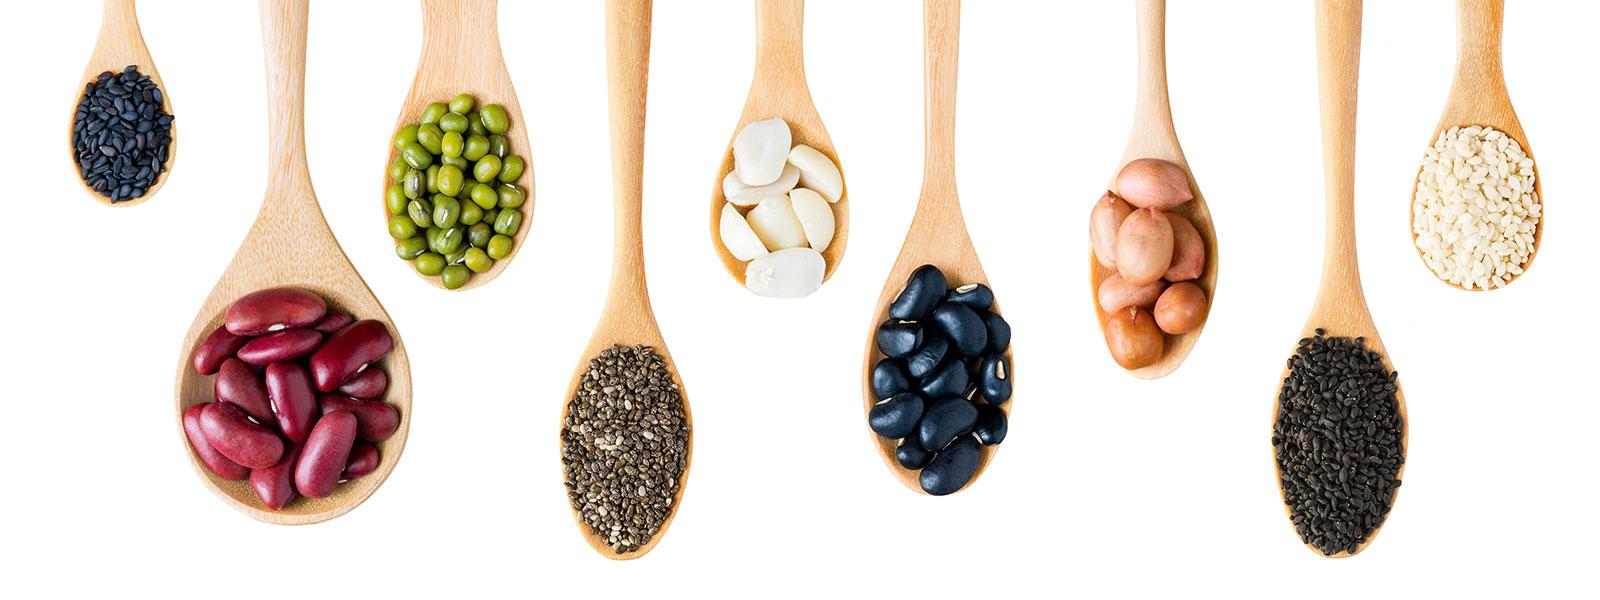 Pflanzliche Proteine: Hülsenfrüchte